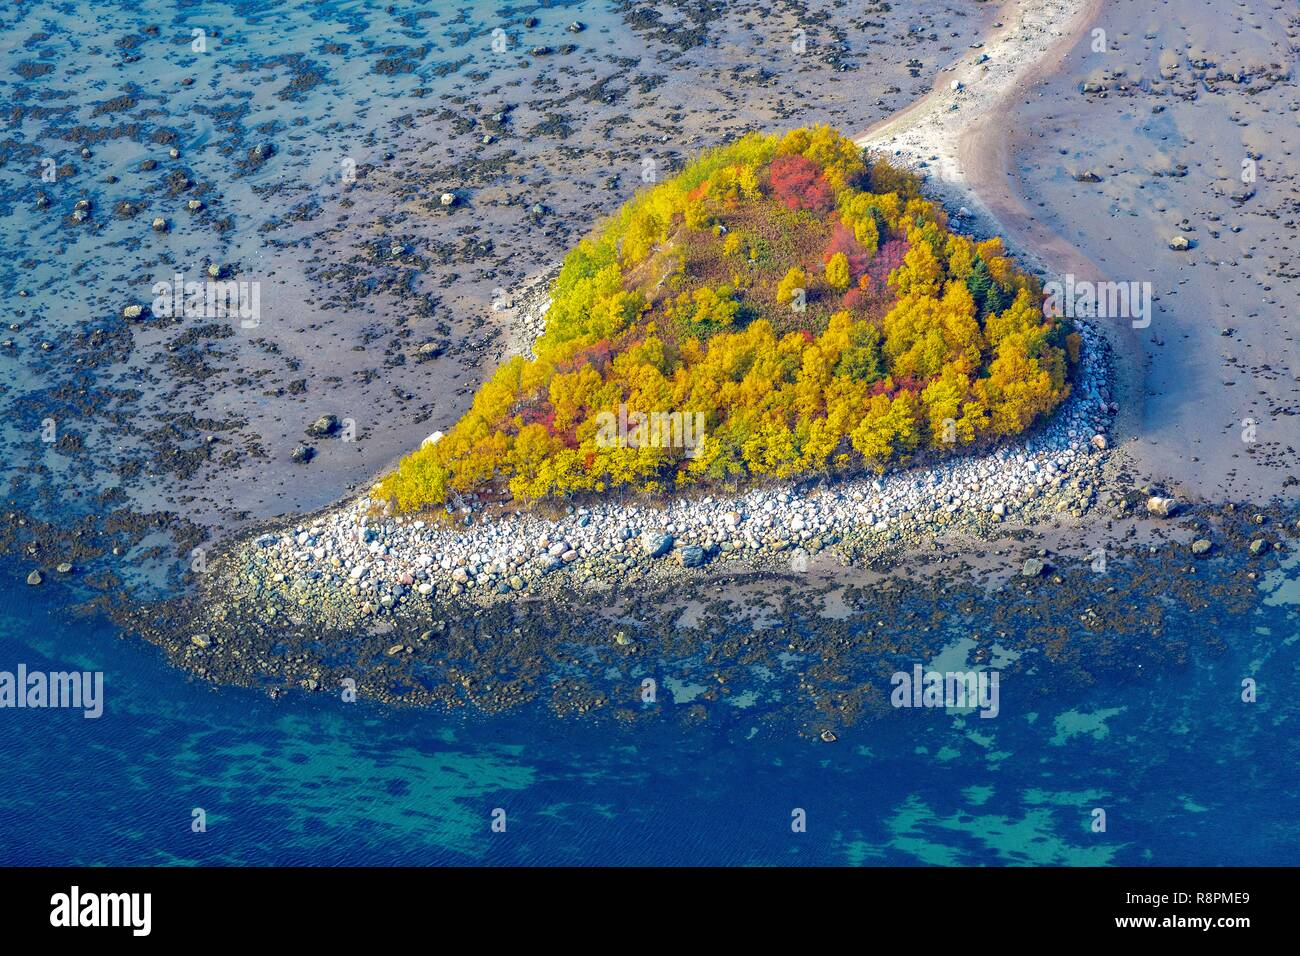 Kanada, Provinz de Québec, Le Saint-Laurent au Large de Tadoussac, Île en forme de coeur dans les Couleurs de l'été indien Stockbild